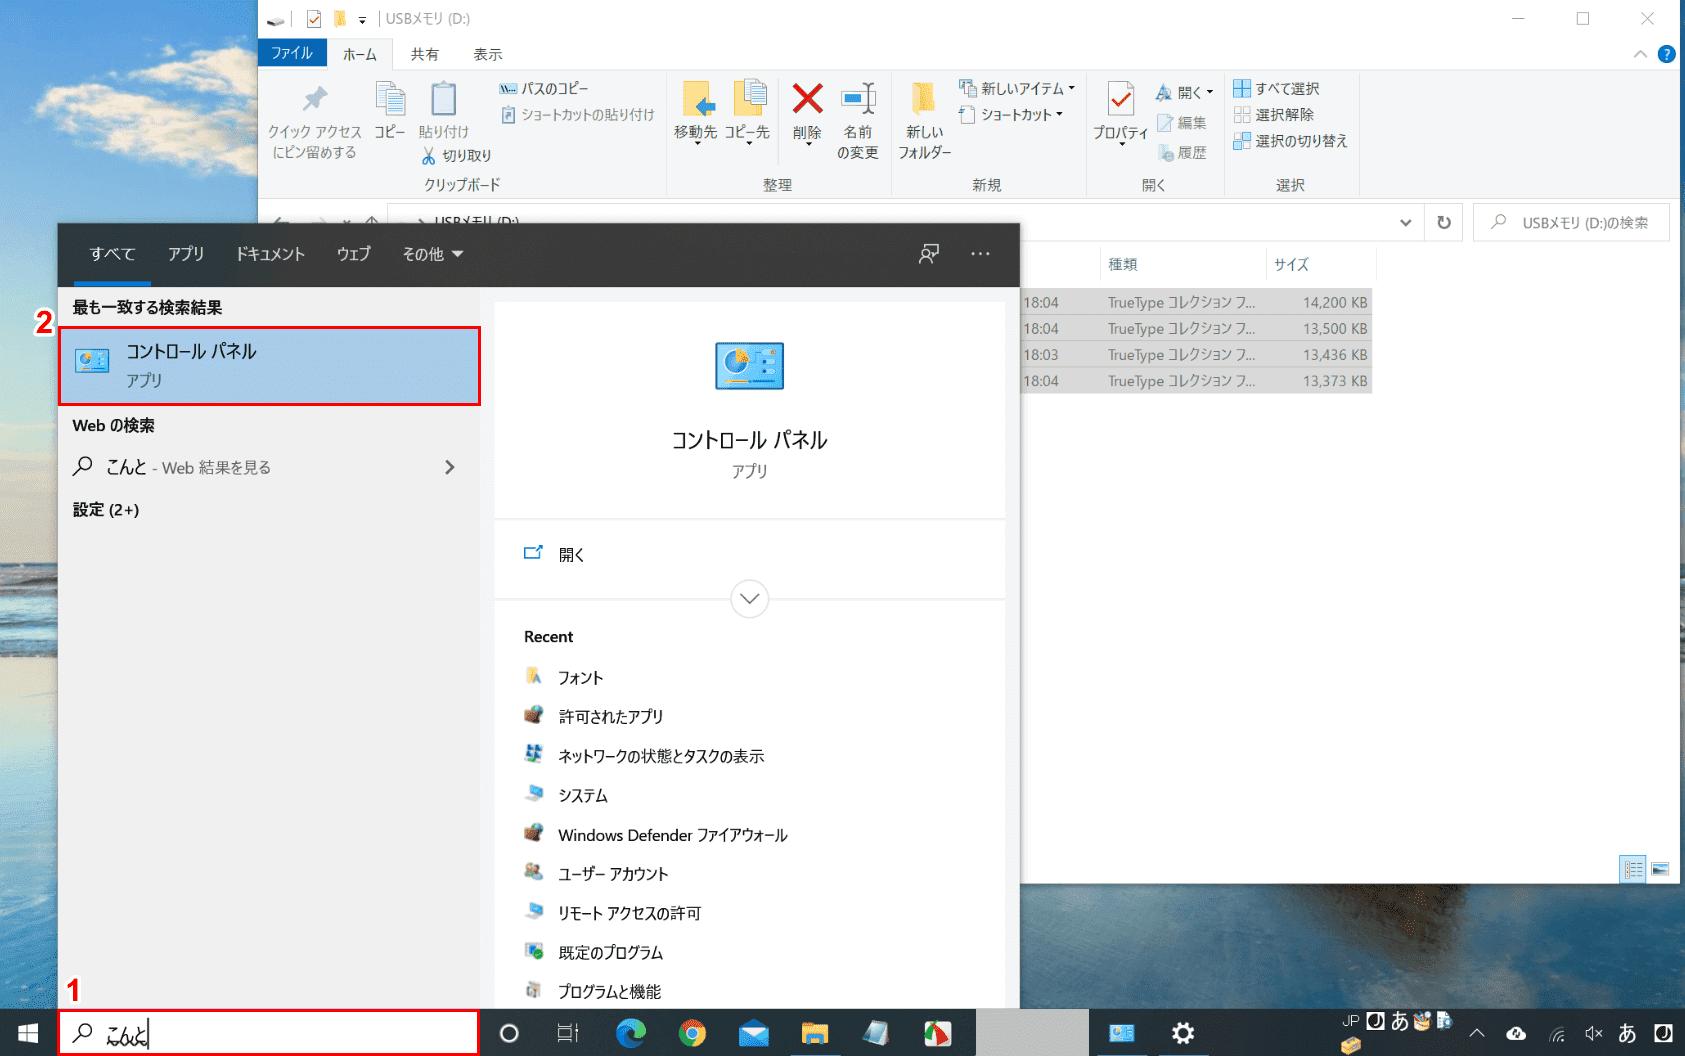 デスクトップ-コントロールパネル